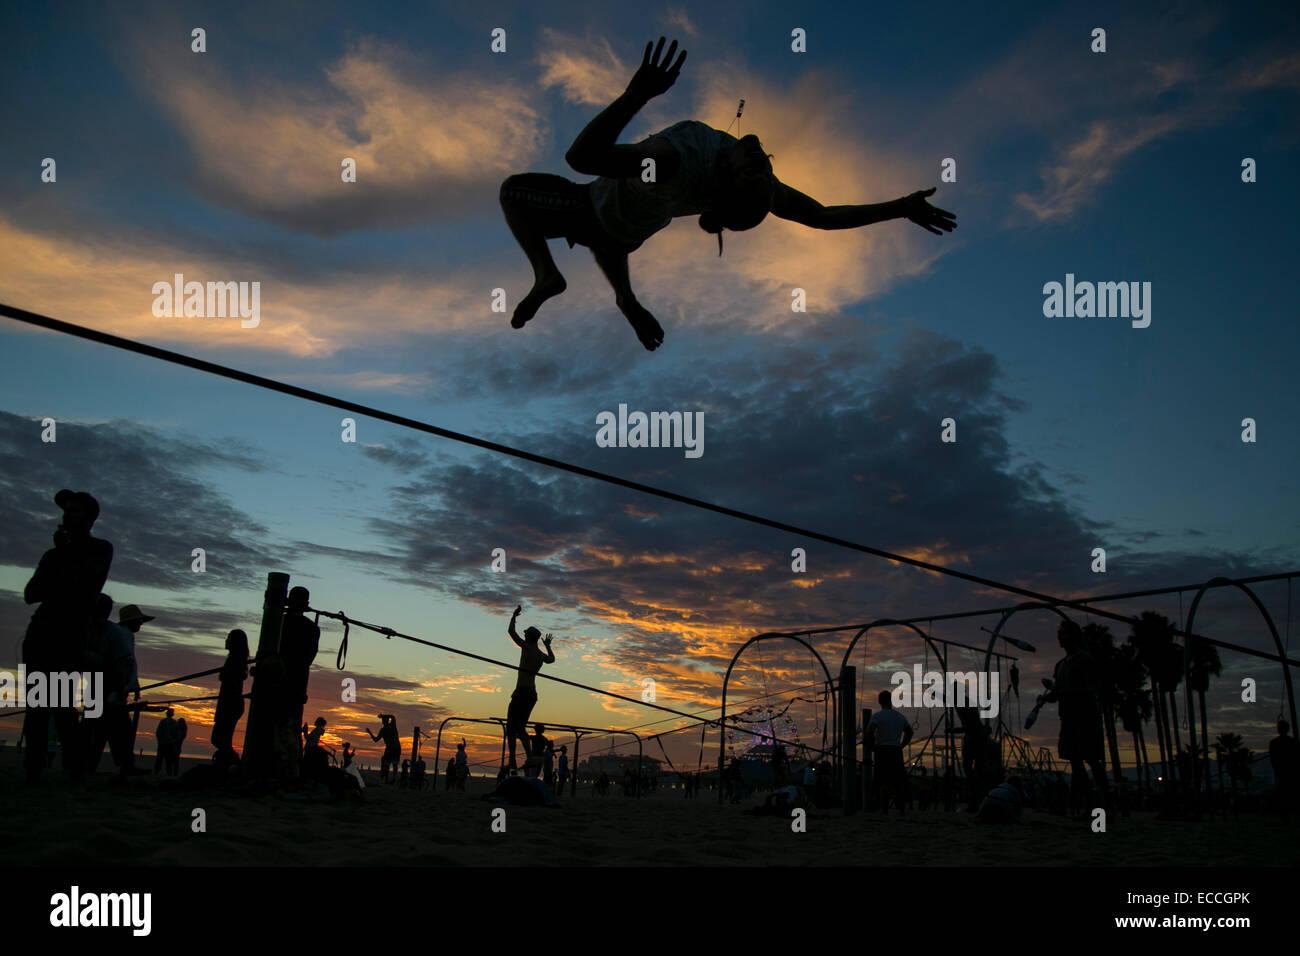 Man does backflip off a slackline. - Stock Image